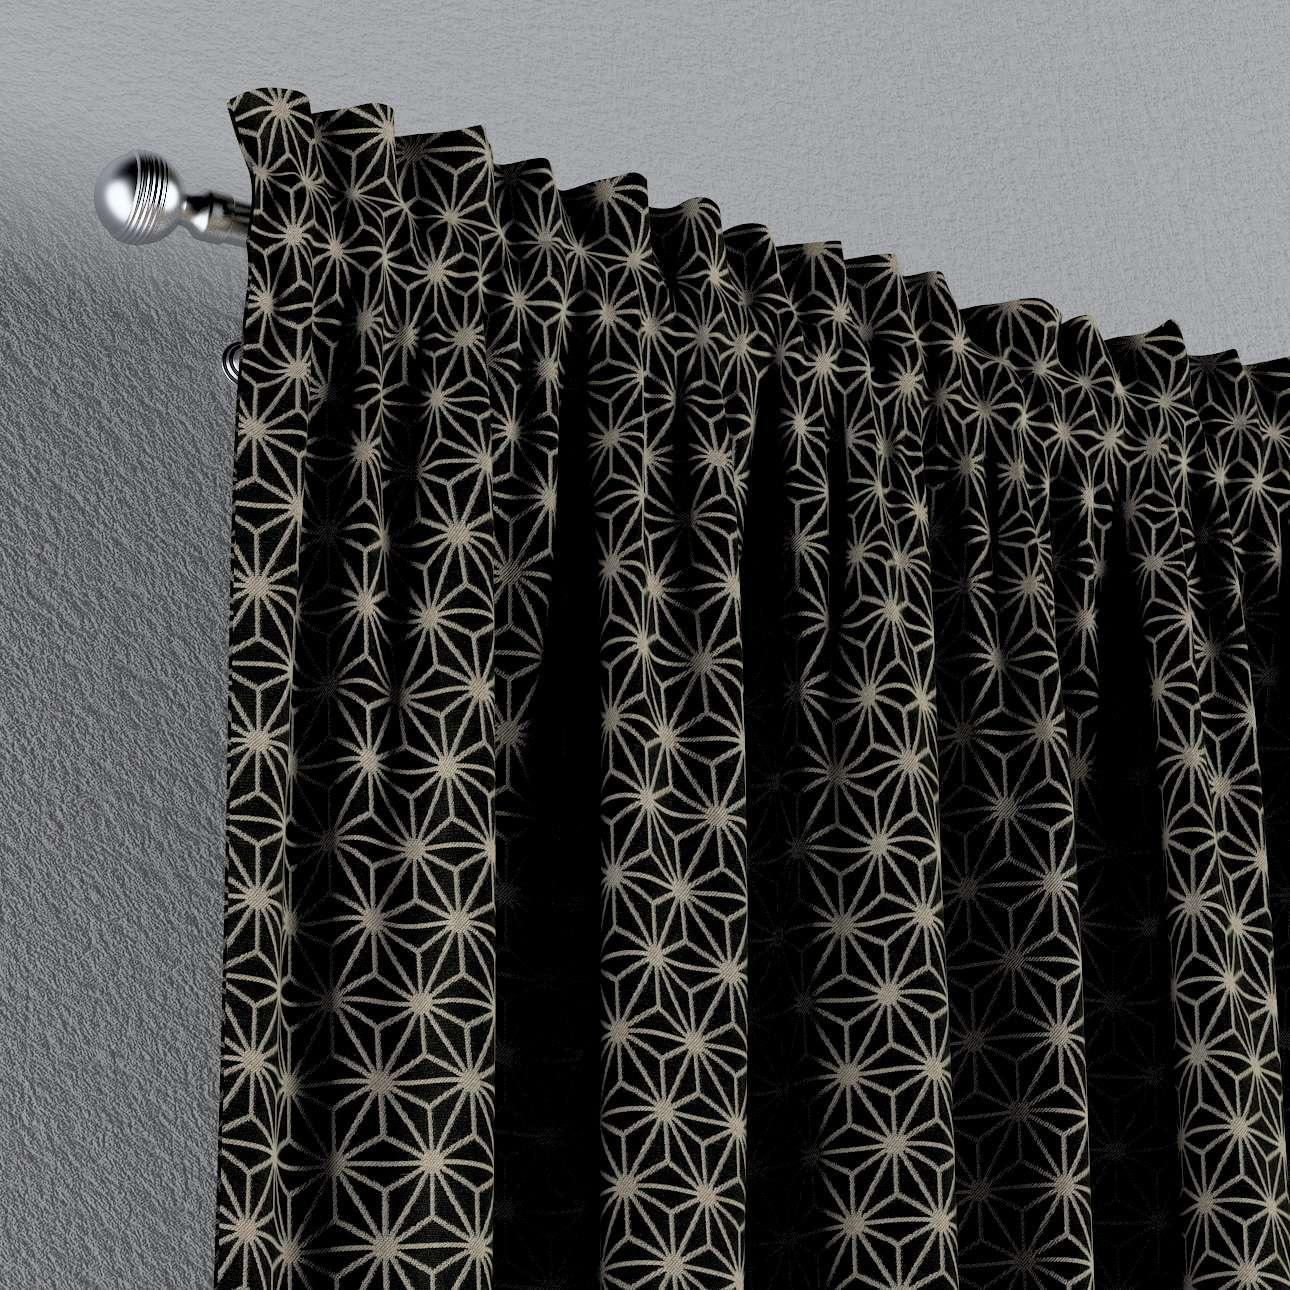 Závěs s tunýlkem a volánkem  v kolekci Black & White, látka: 142-56